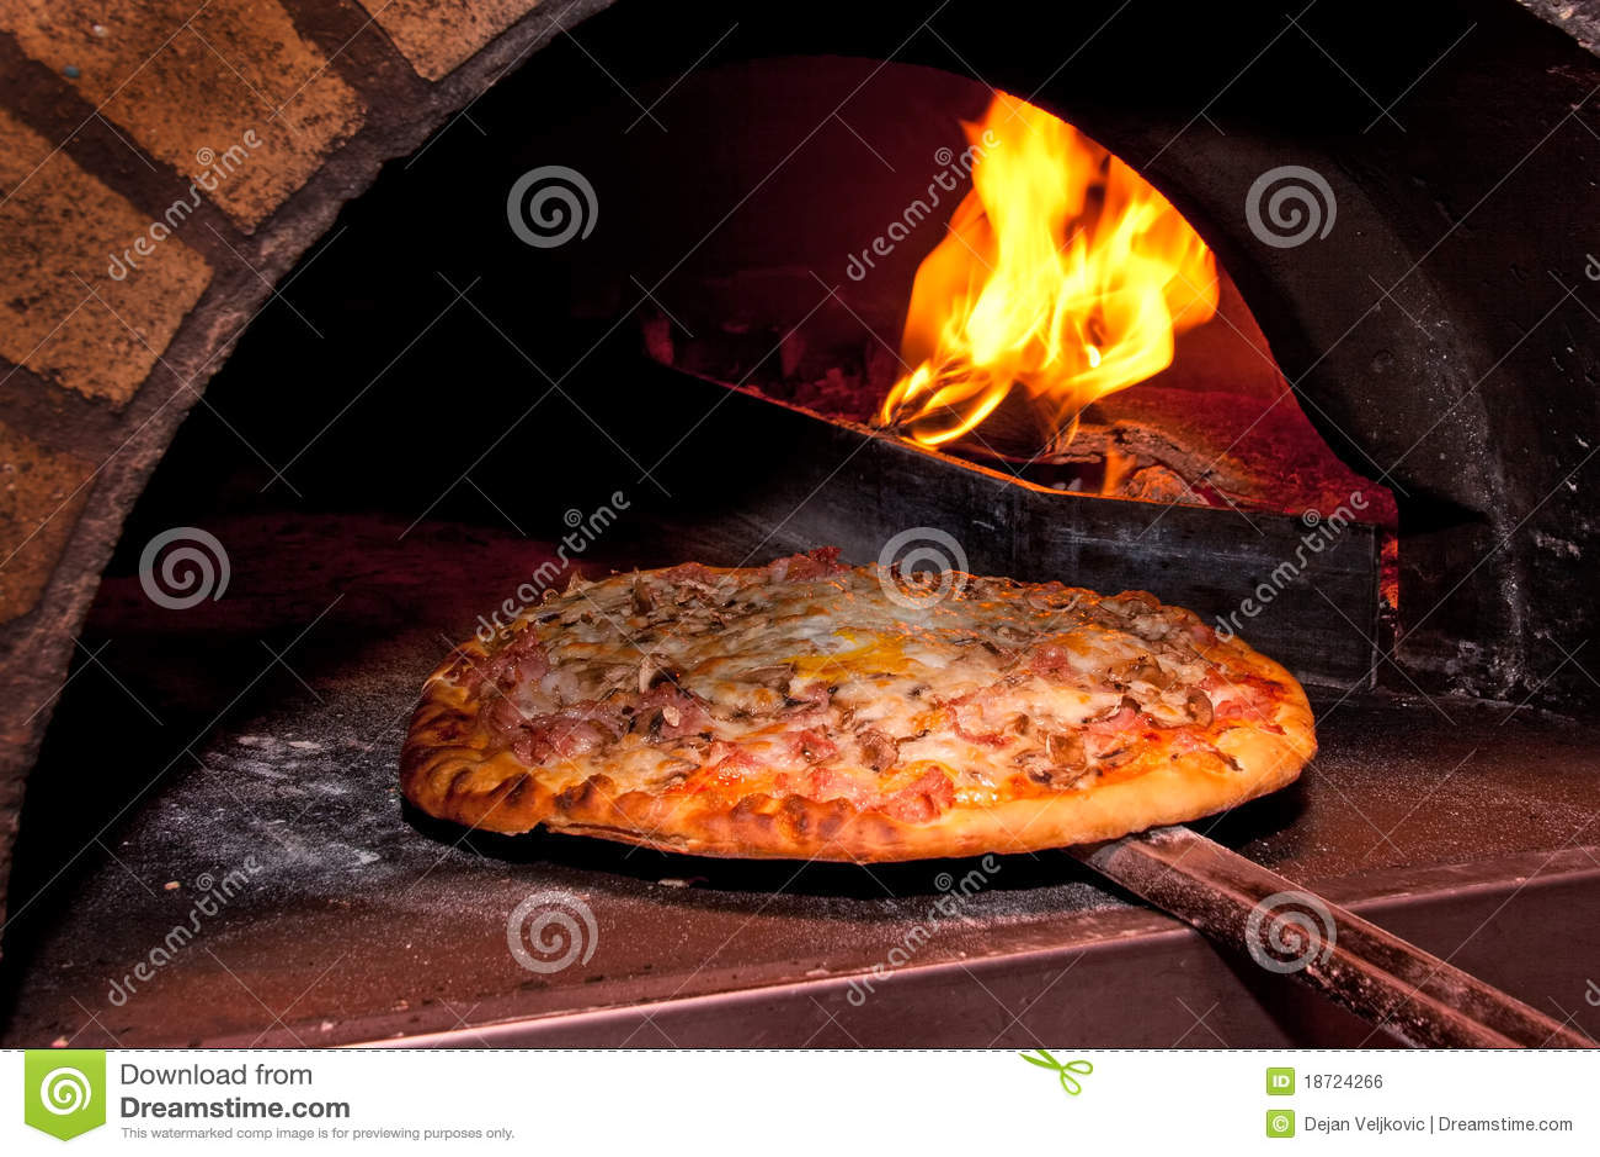 Pizzabacken im Ofen